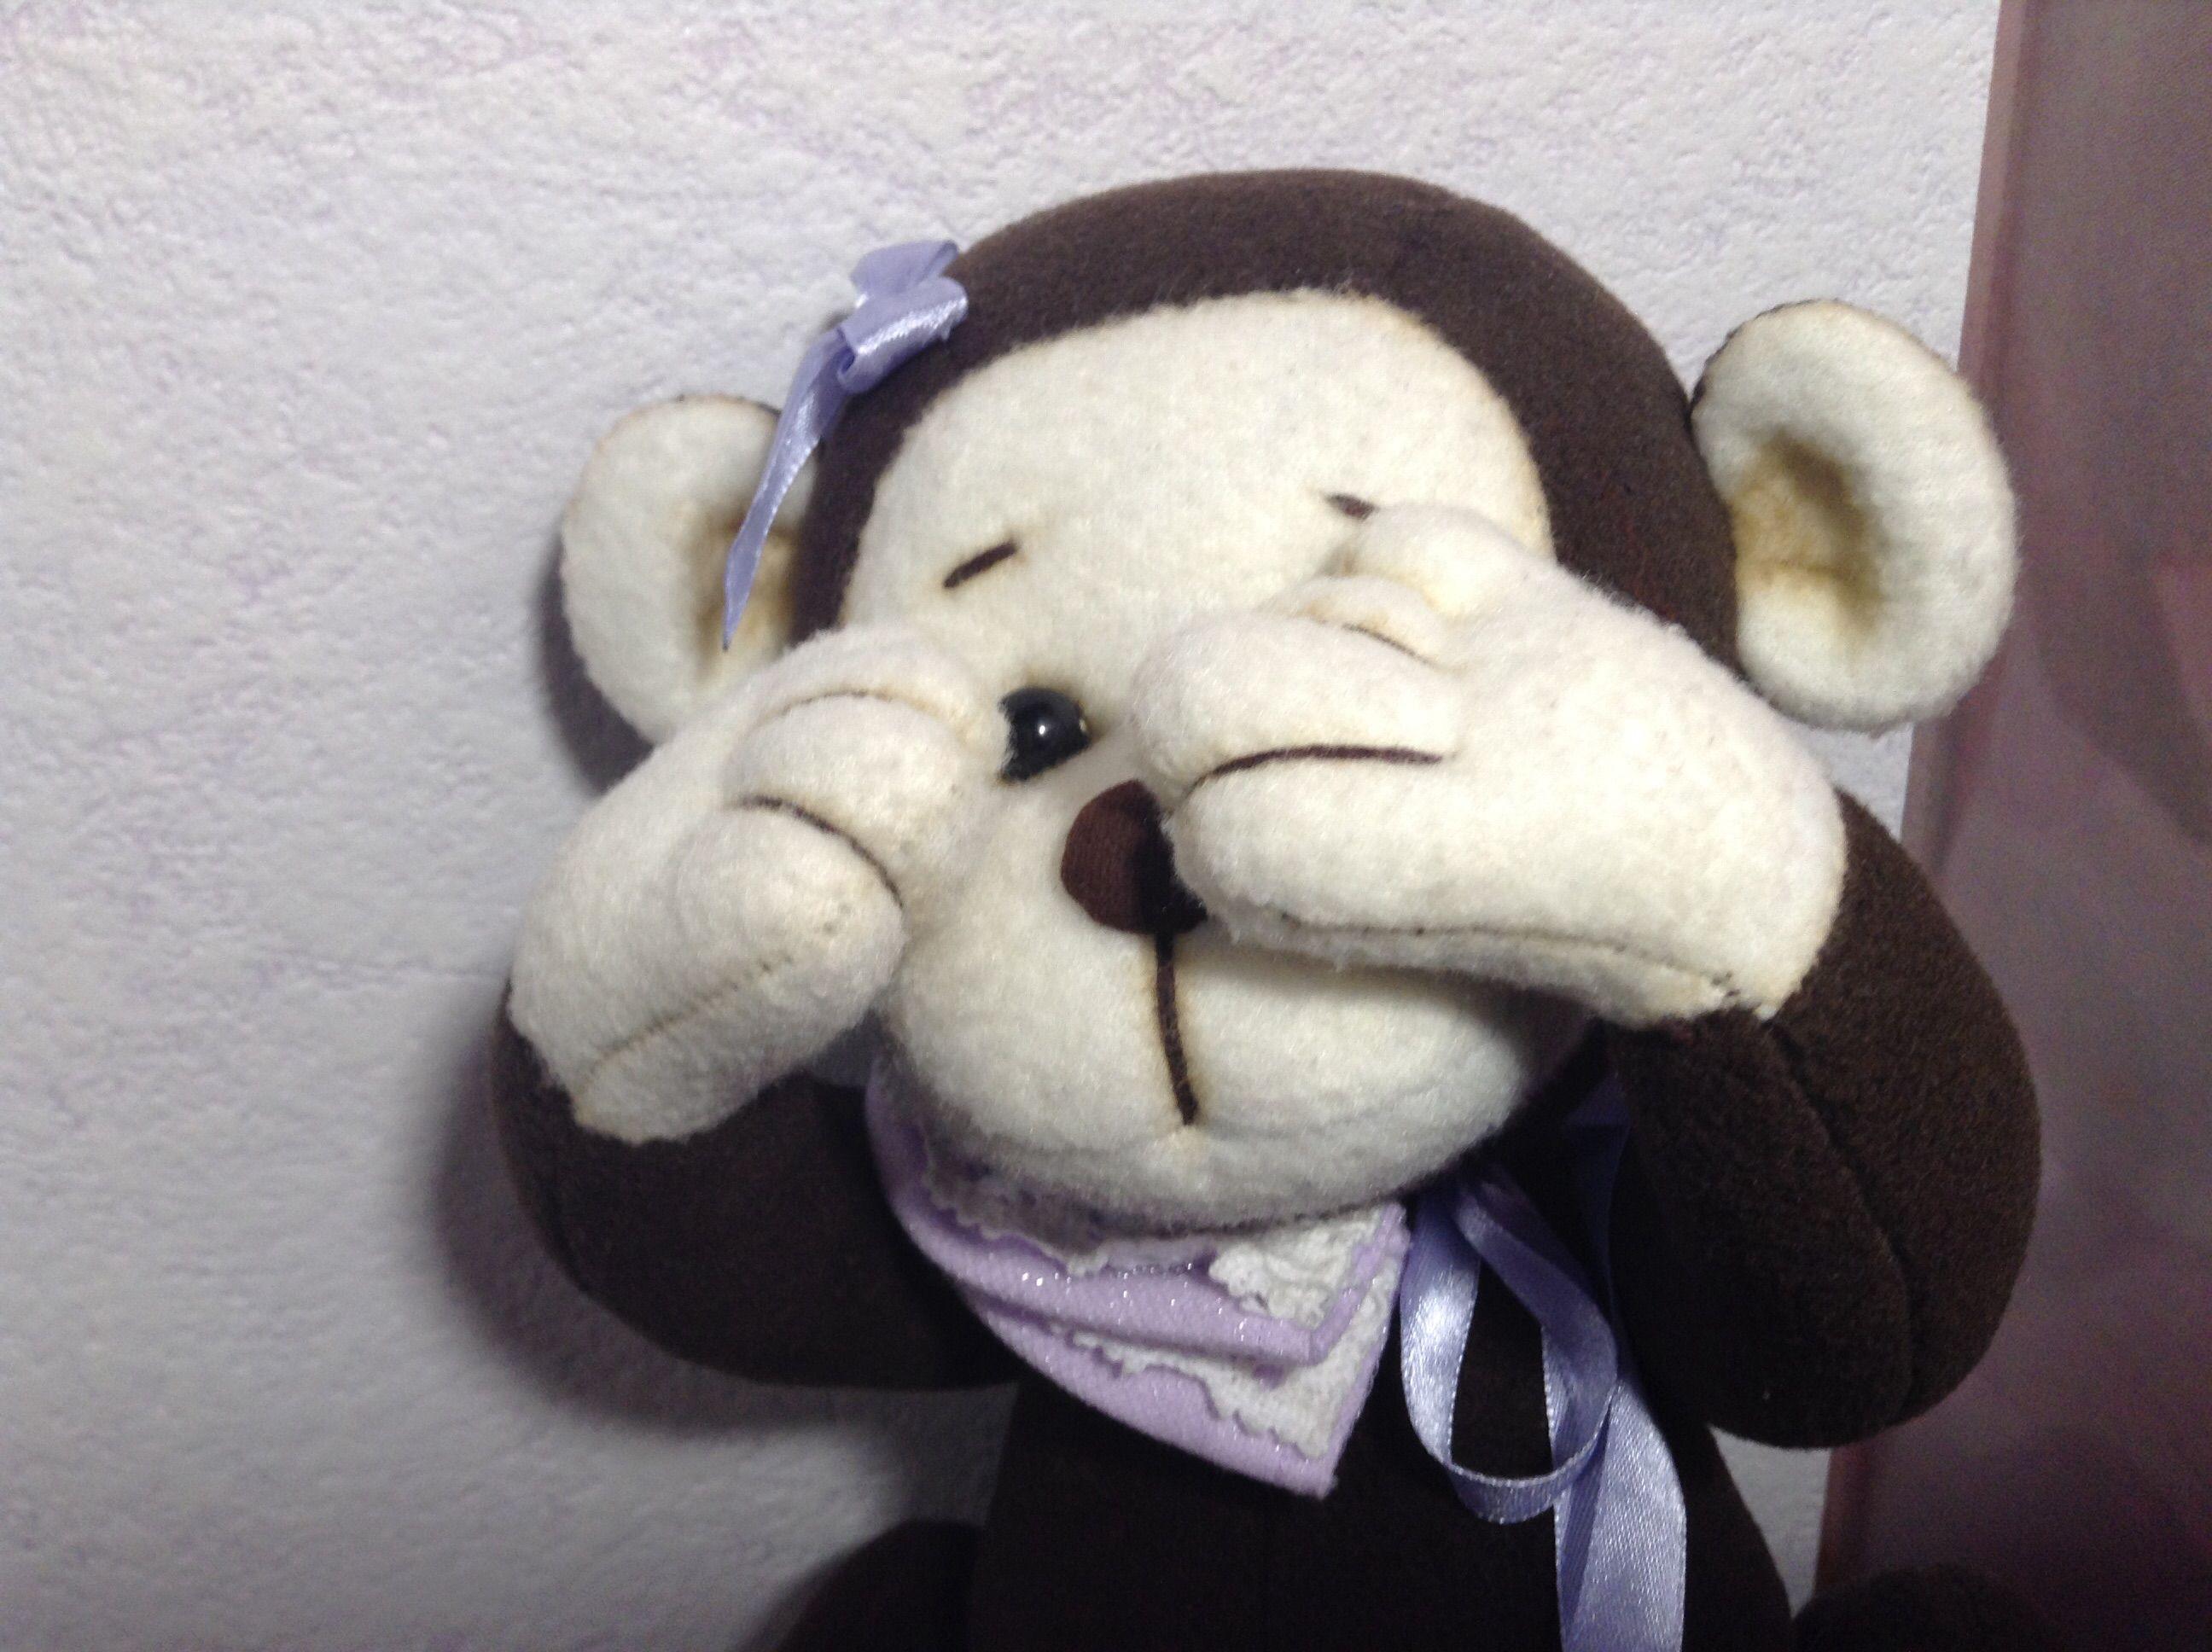 игрушка handmade ручная обезьянка работа